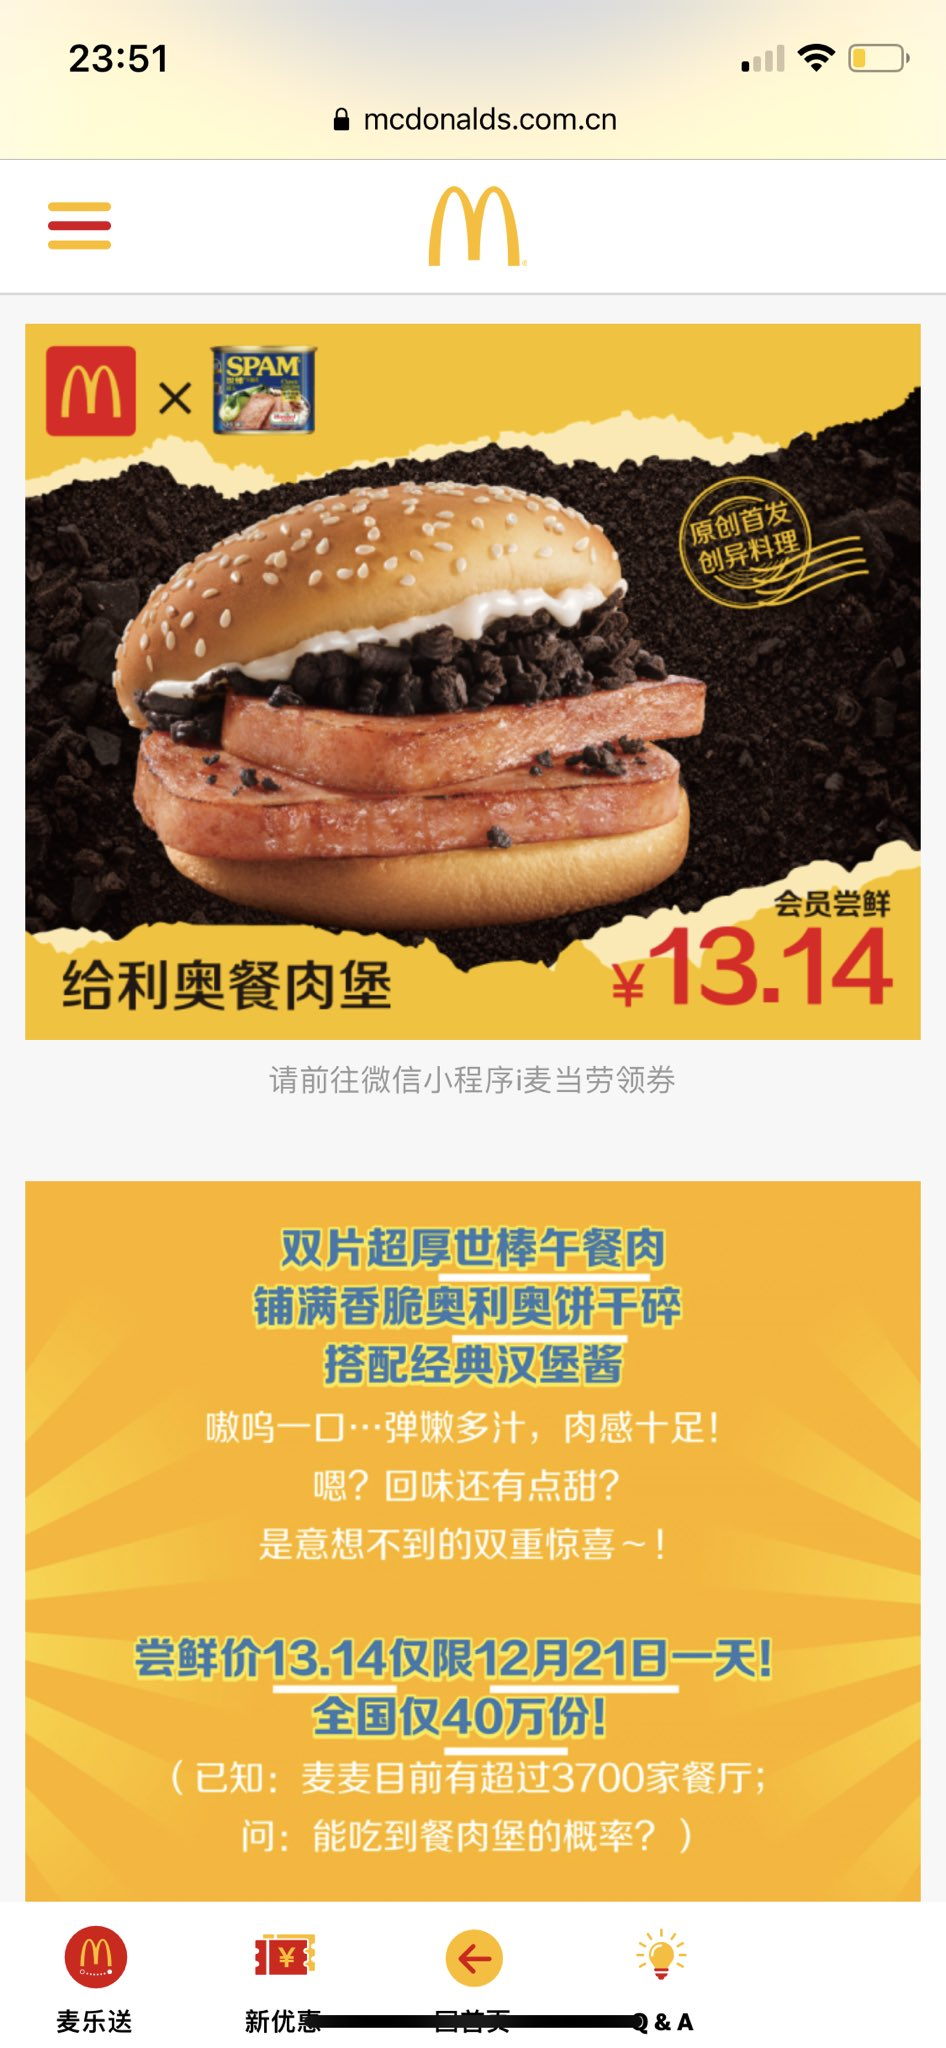 中国のマクドナルド、めちゃくちゃ安い